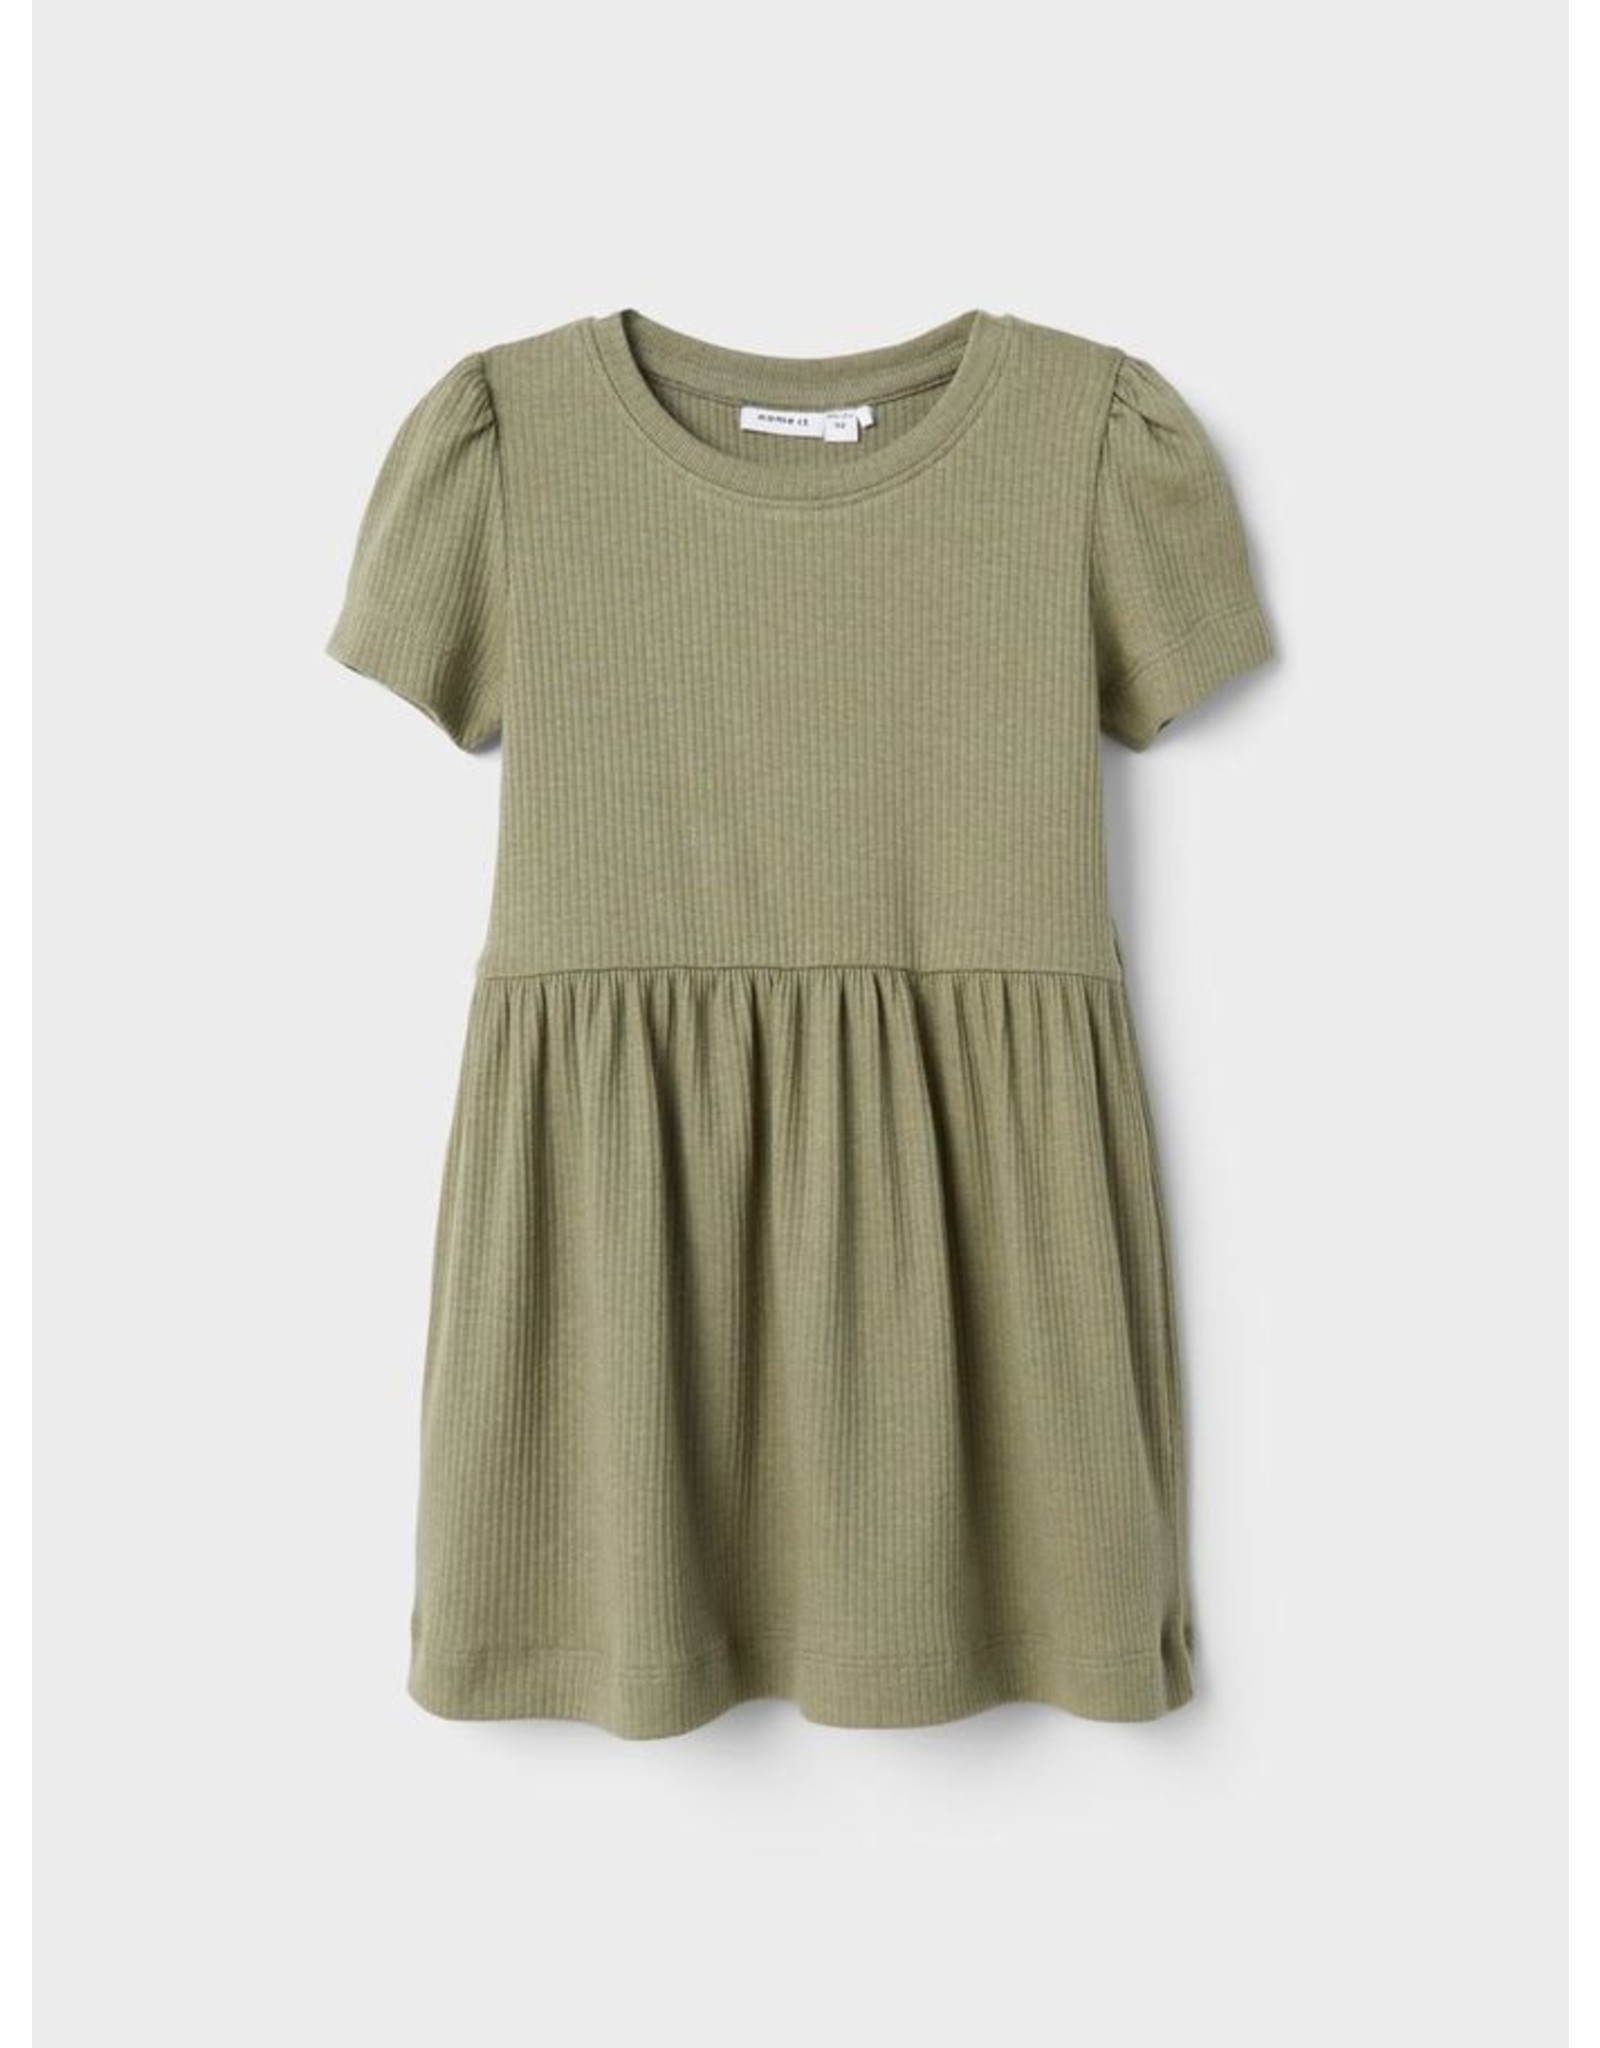 Name IT Name It SS Dress Deep Lichen Green